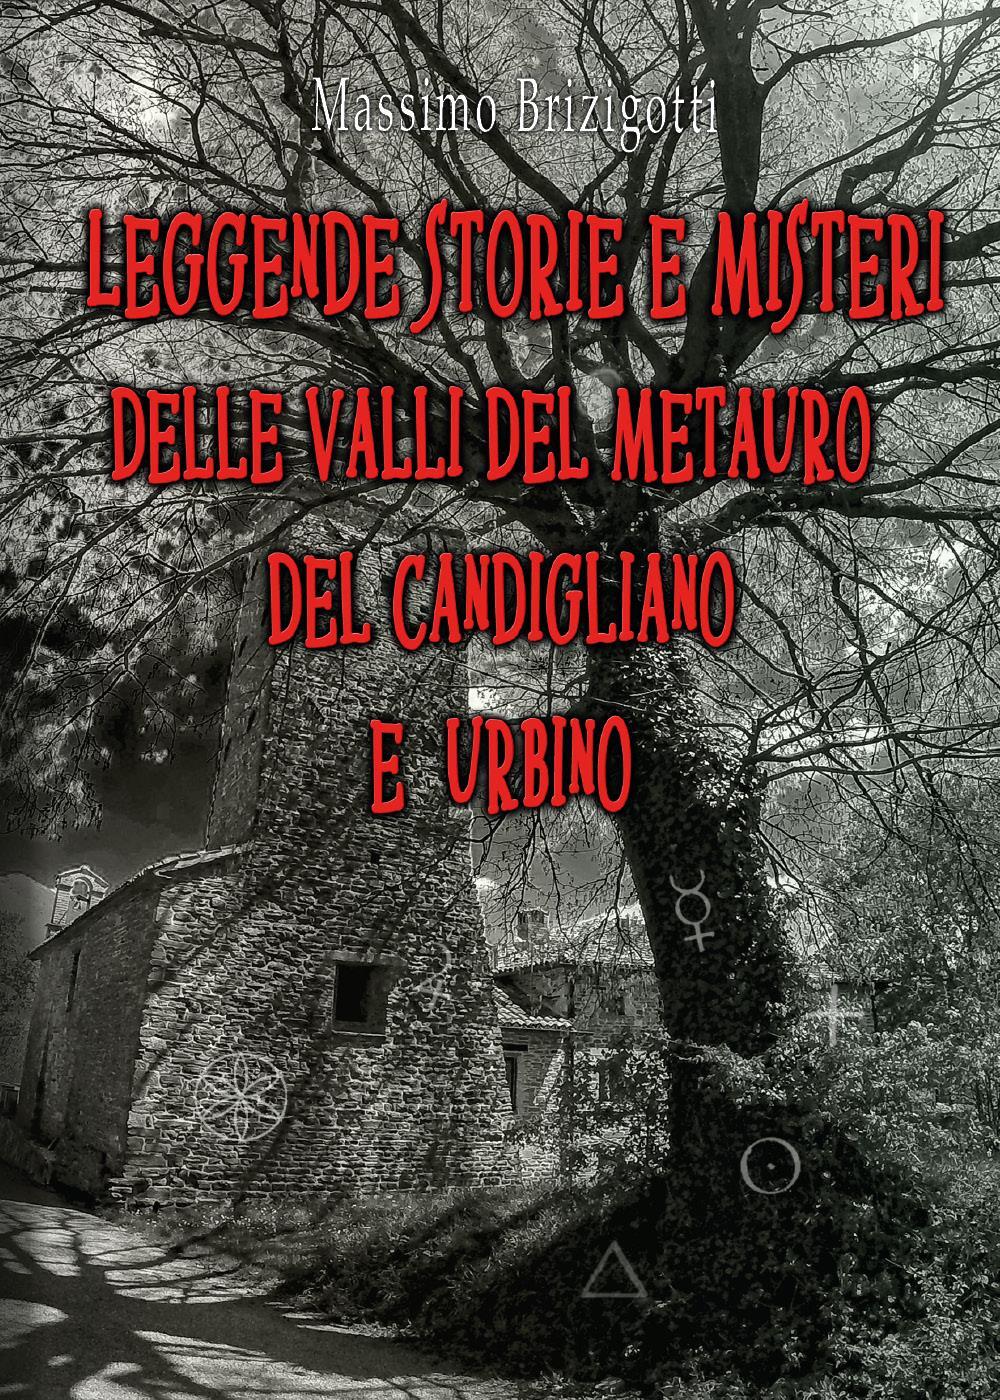 Leggende Storie e Misteri delle valli del Metauro del Candigliano e Urbino